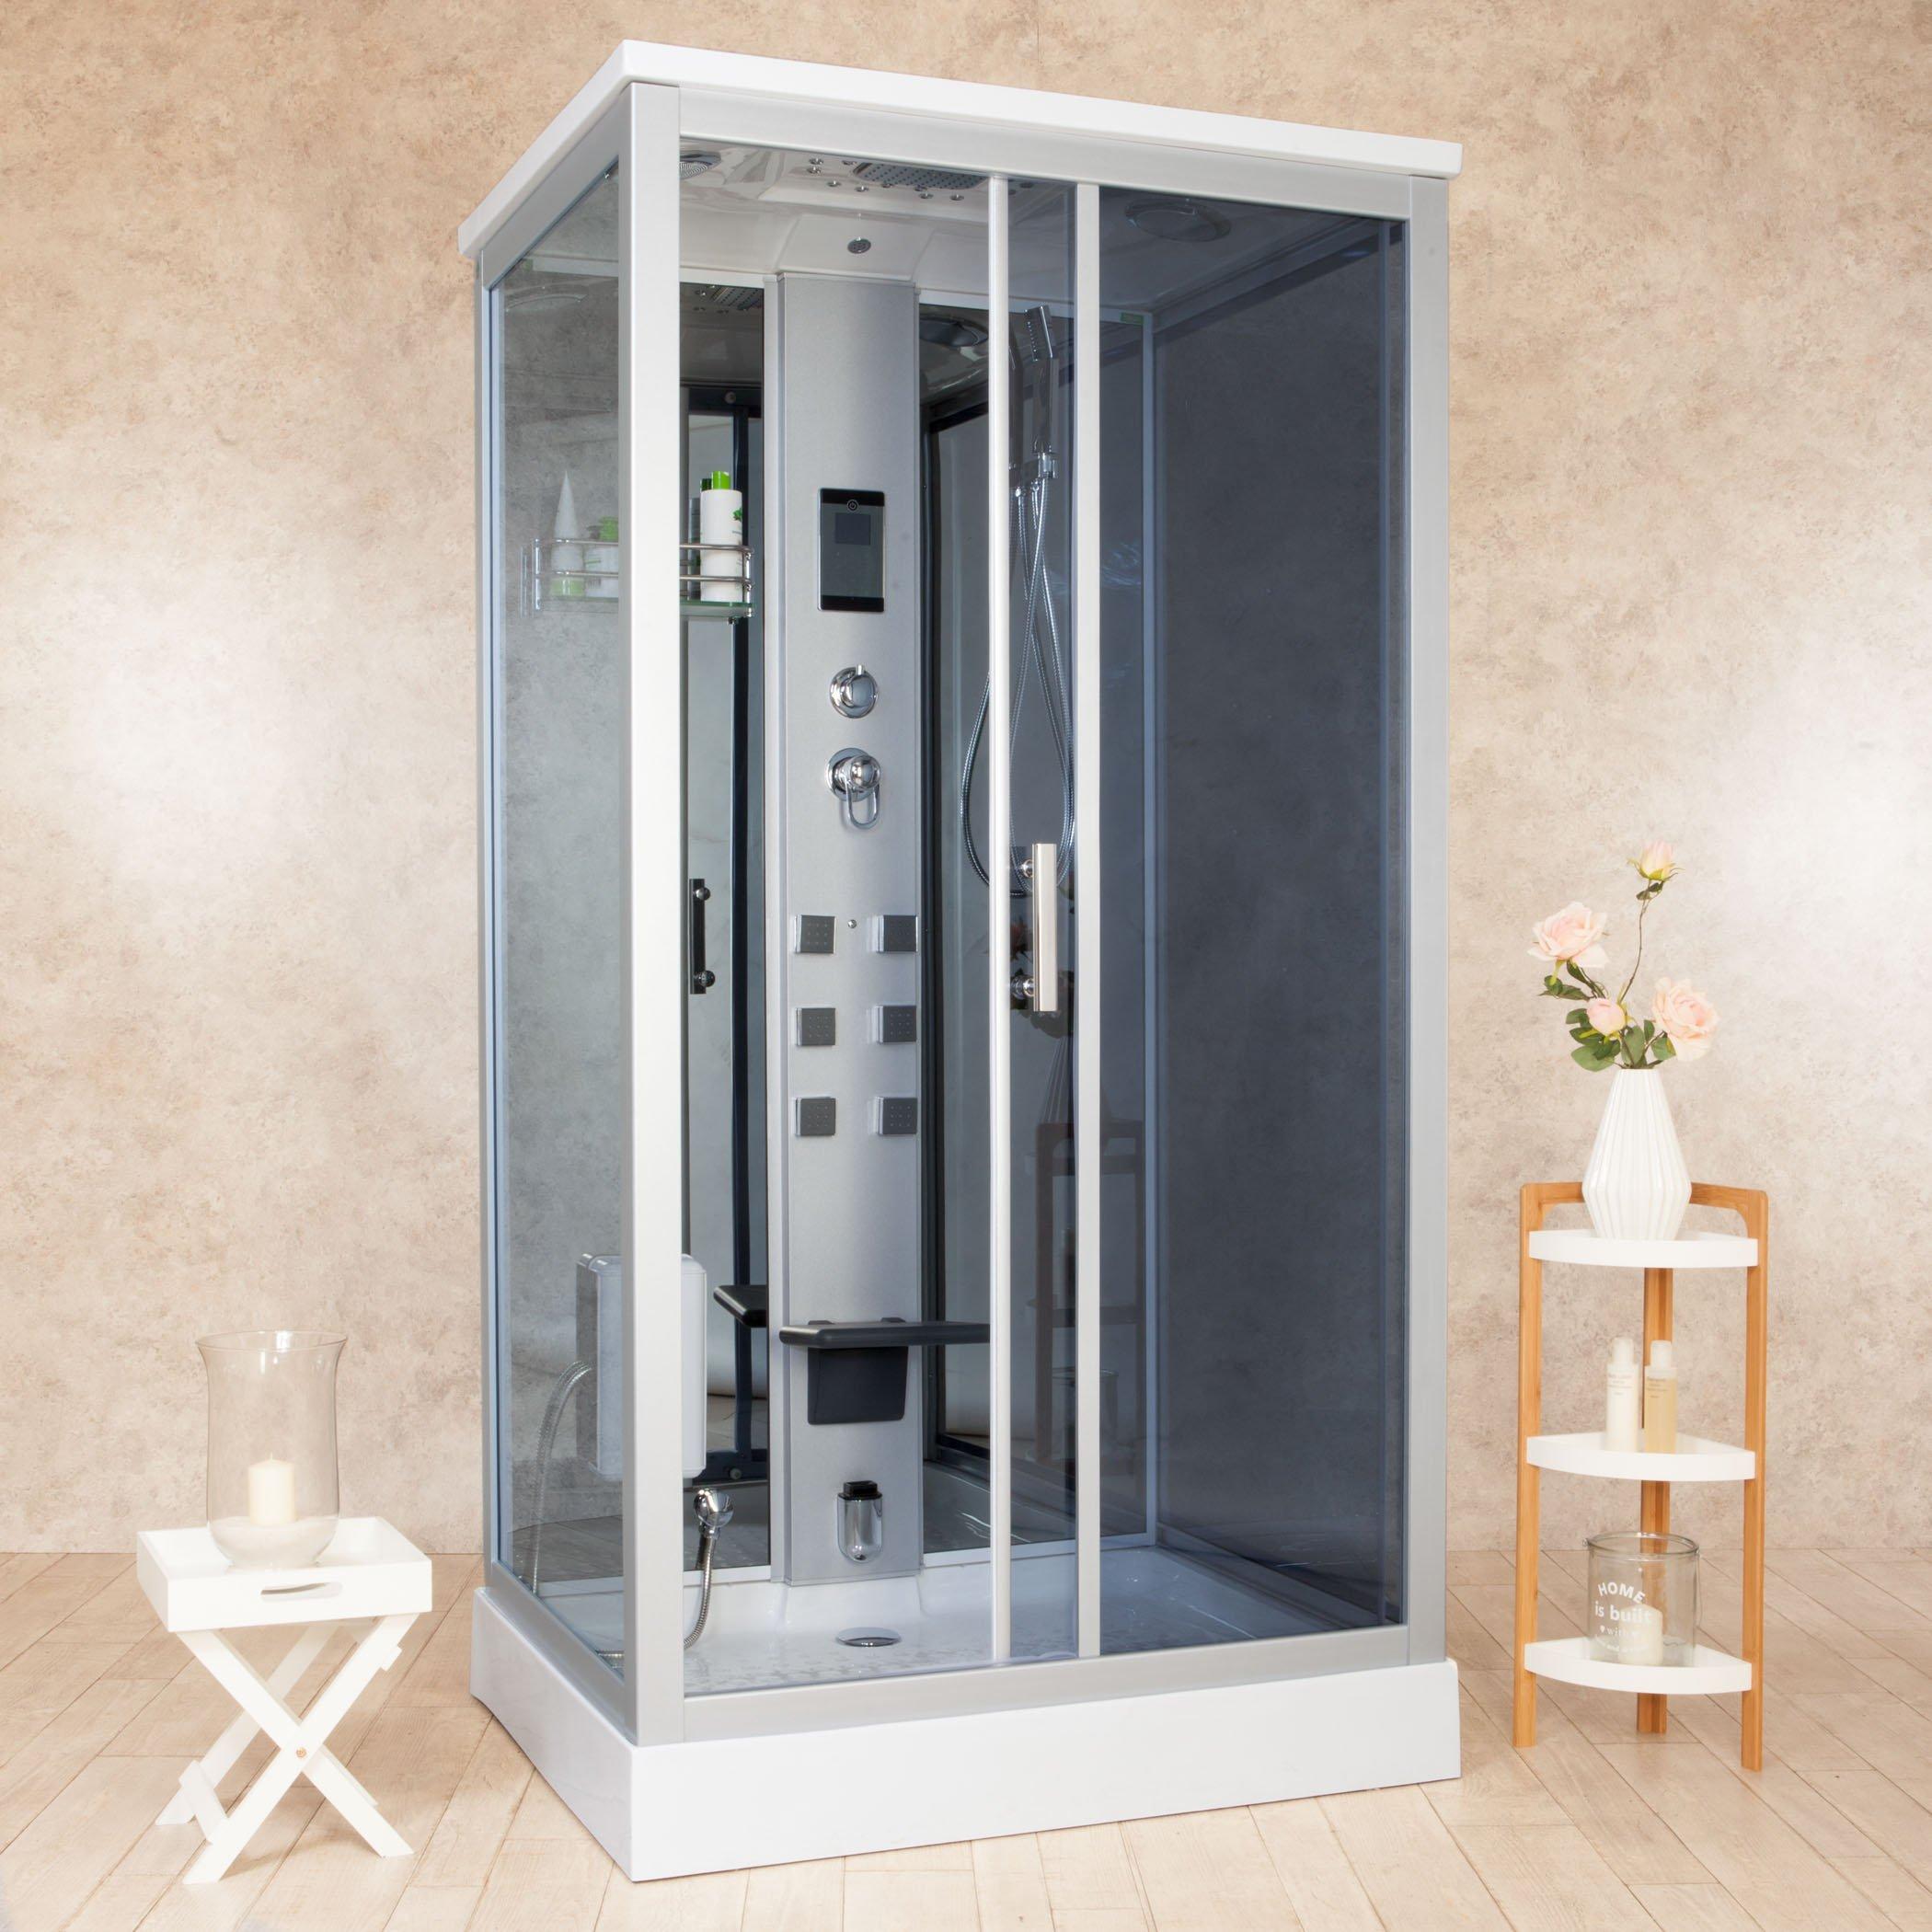 Box ducha hidromasaje Sauna y baño turco 110 x 90 cm vorich Element: Amazon.es: Hogar